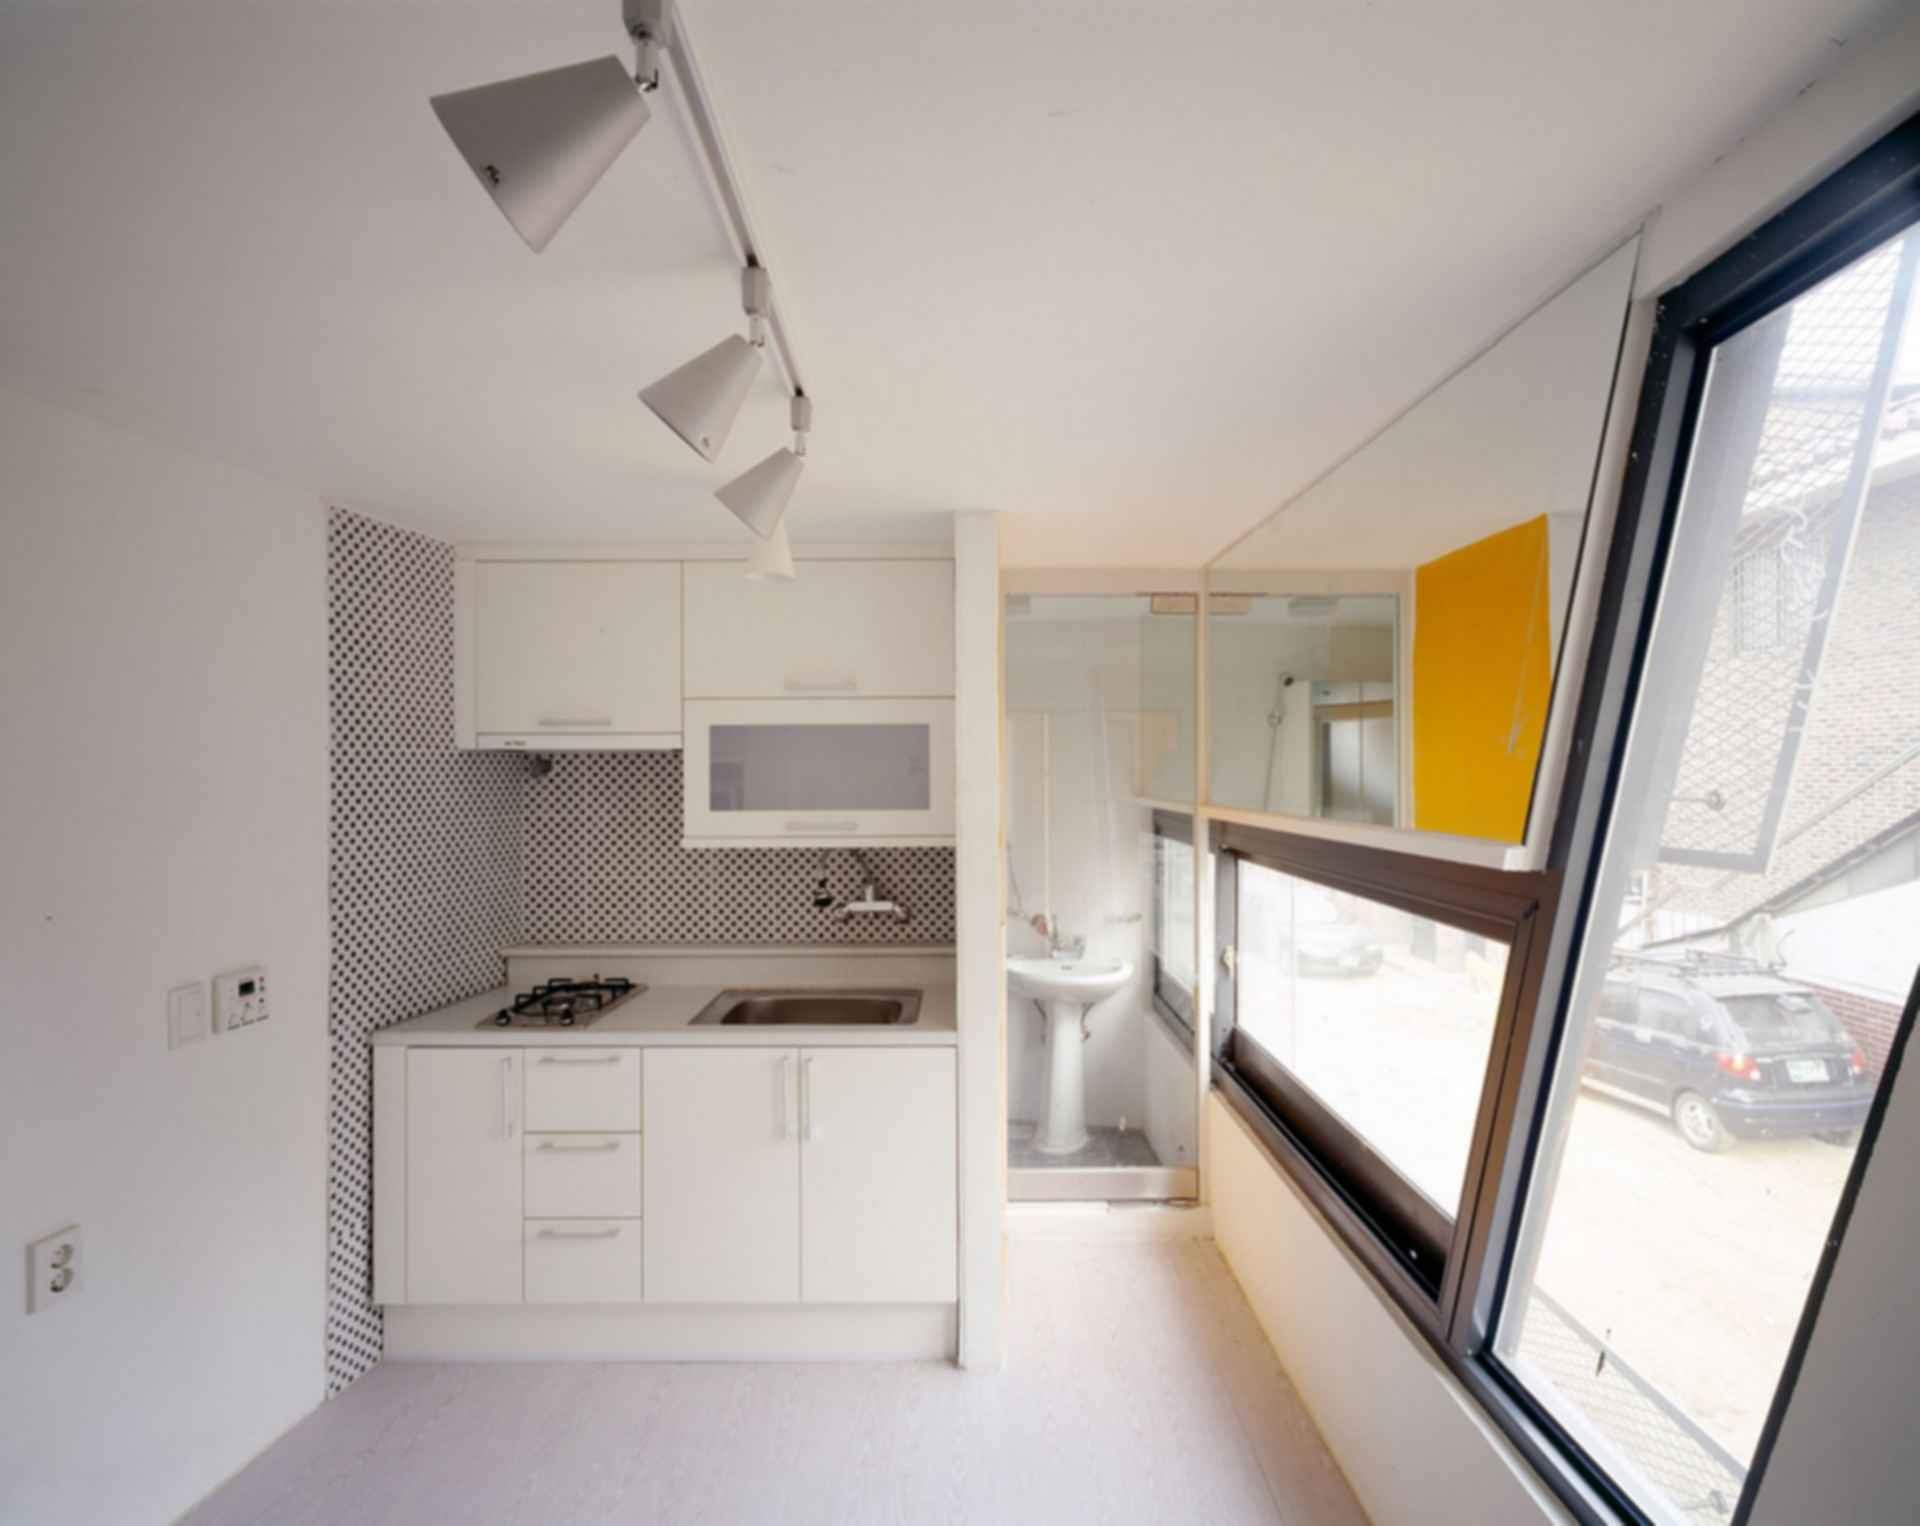 Mookdong Multi-Housing - interior